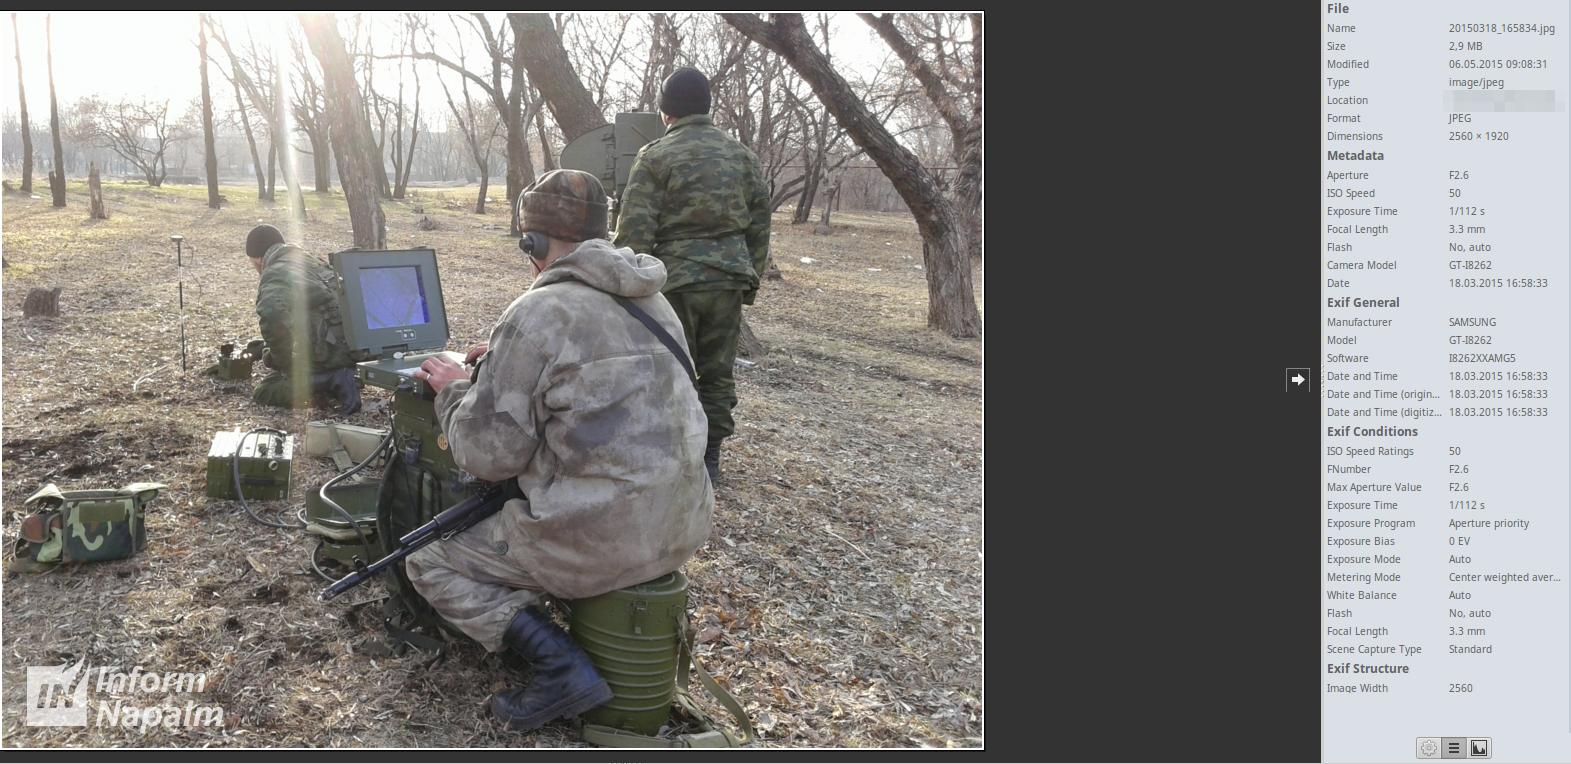 """PSNR-8 """"Credo-M1"""" har observerats två gånger i den ockuperade Luhansk-regionen"""